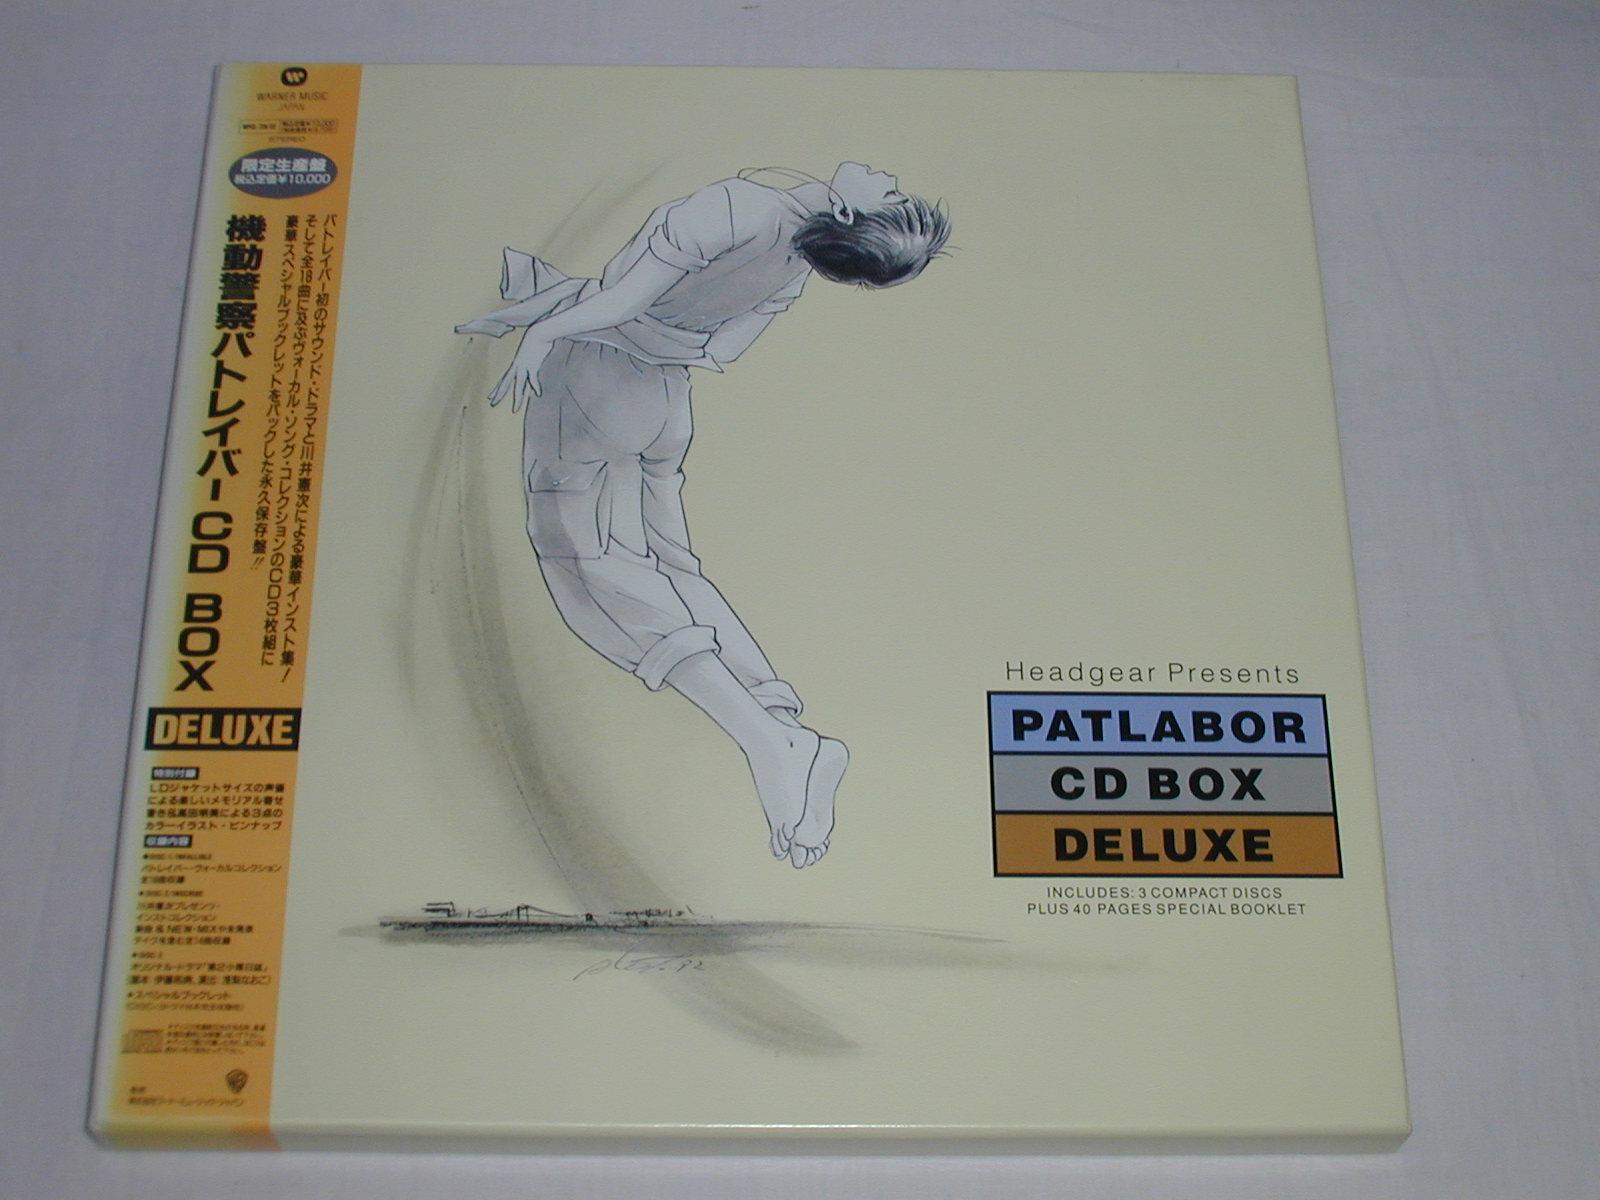 (CD)機動警察パトレイバー CD BOX